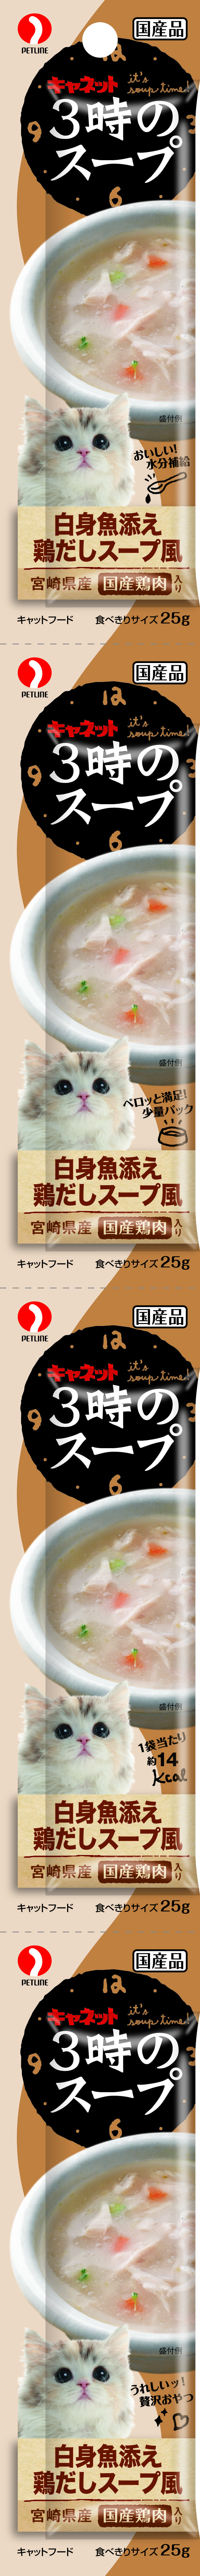 キャネット<3時のスープ>白身魚添え 鶏だしスープ風 (25g×4連)